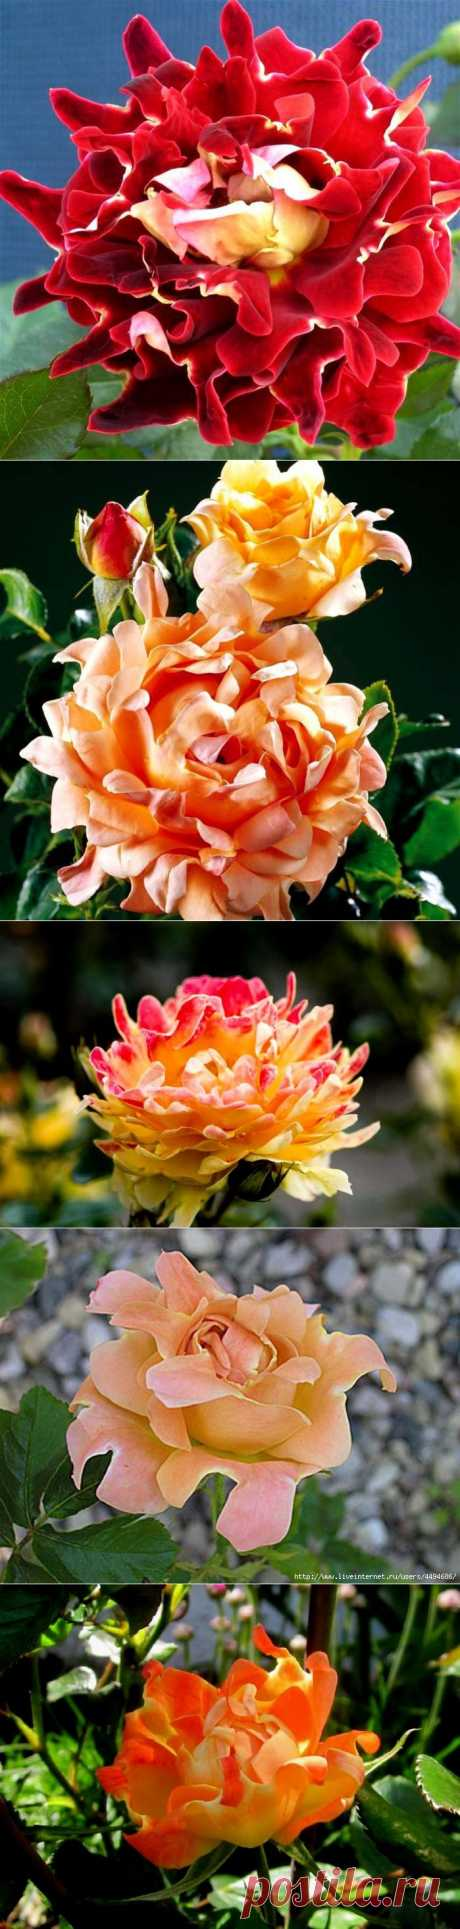 Кружевные розы - удивительное зрелище! .